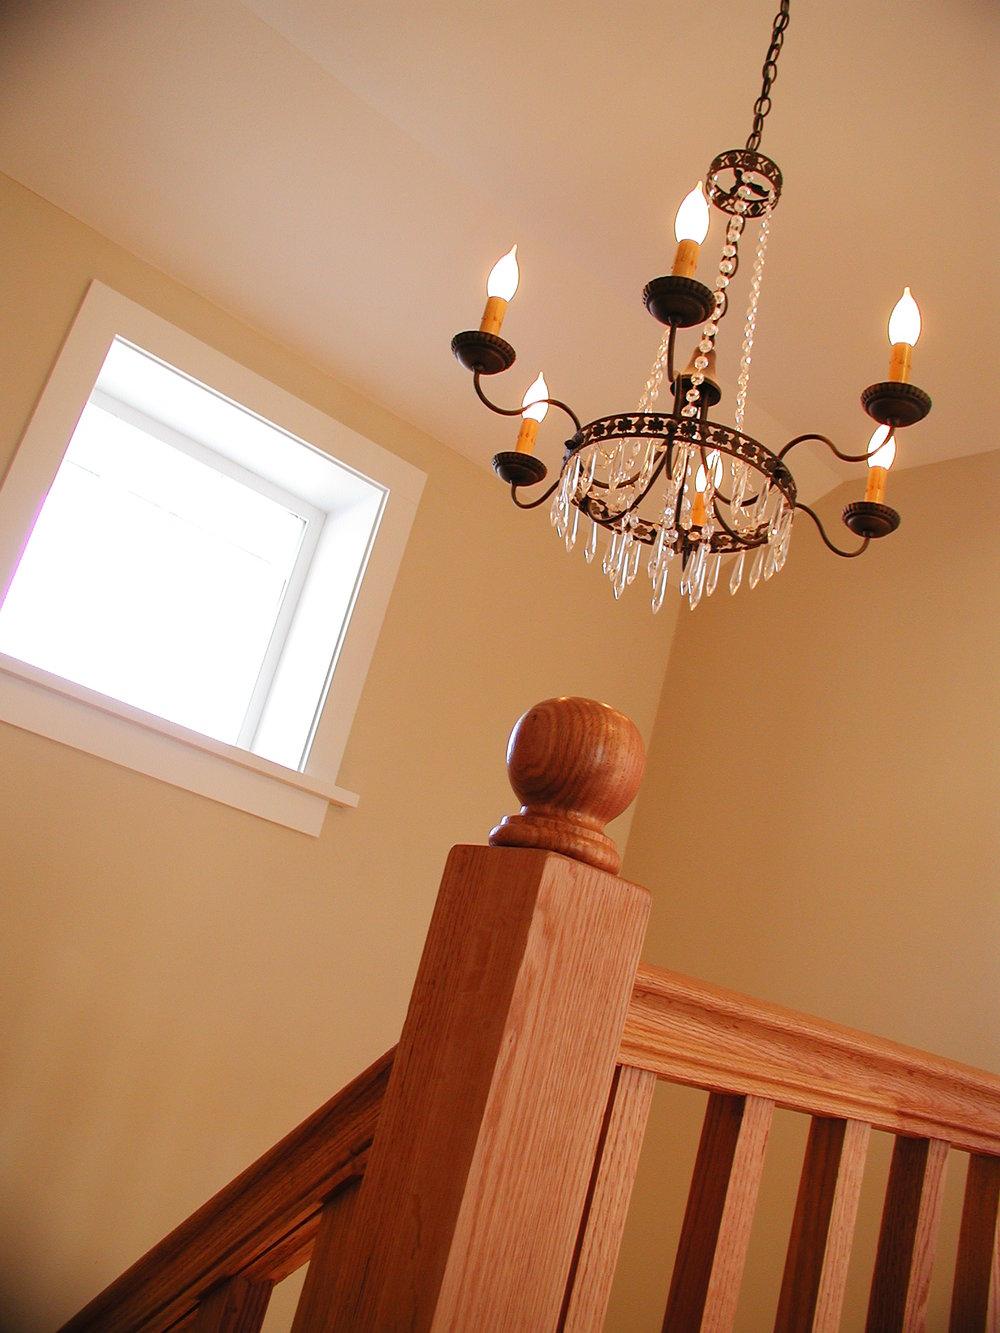 outstanding round amusing bronze ideas iron chandeliers small chandelier design vine